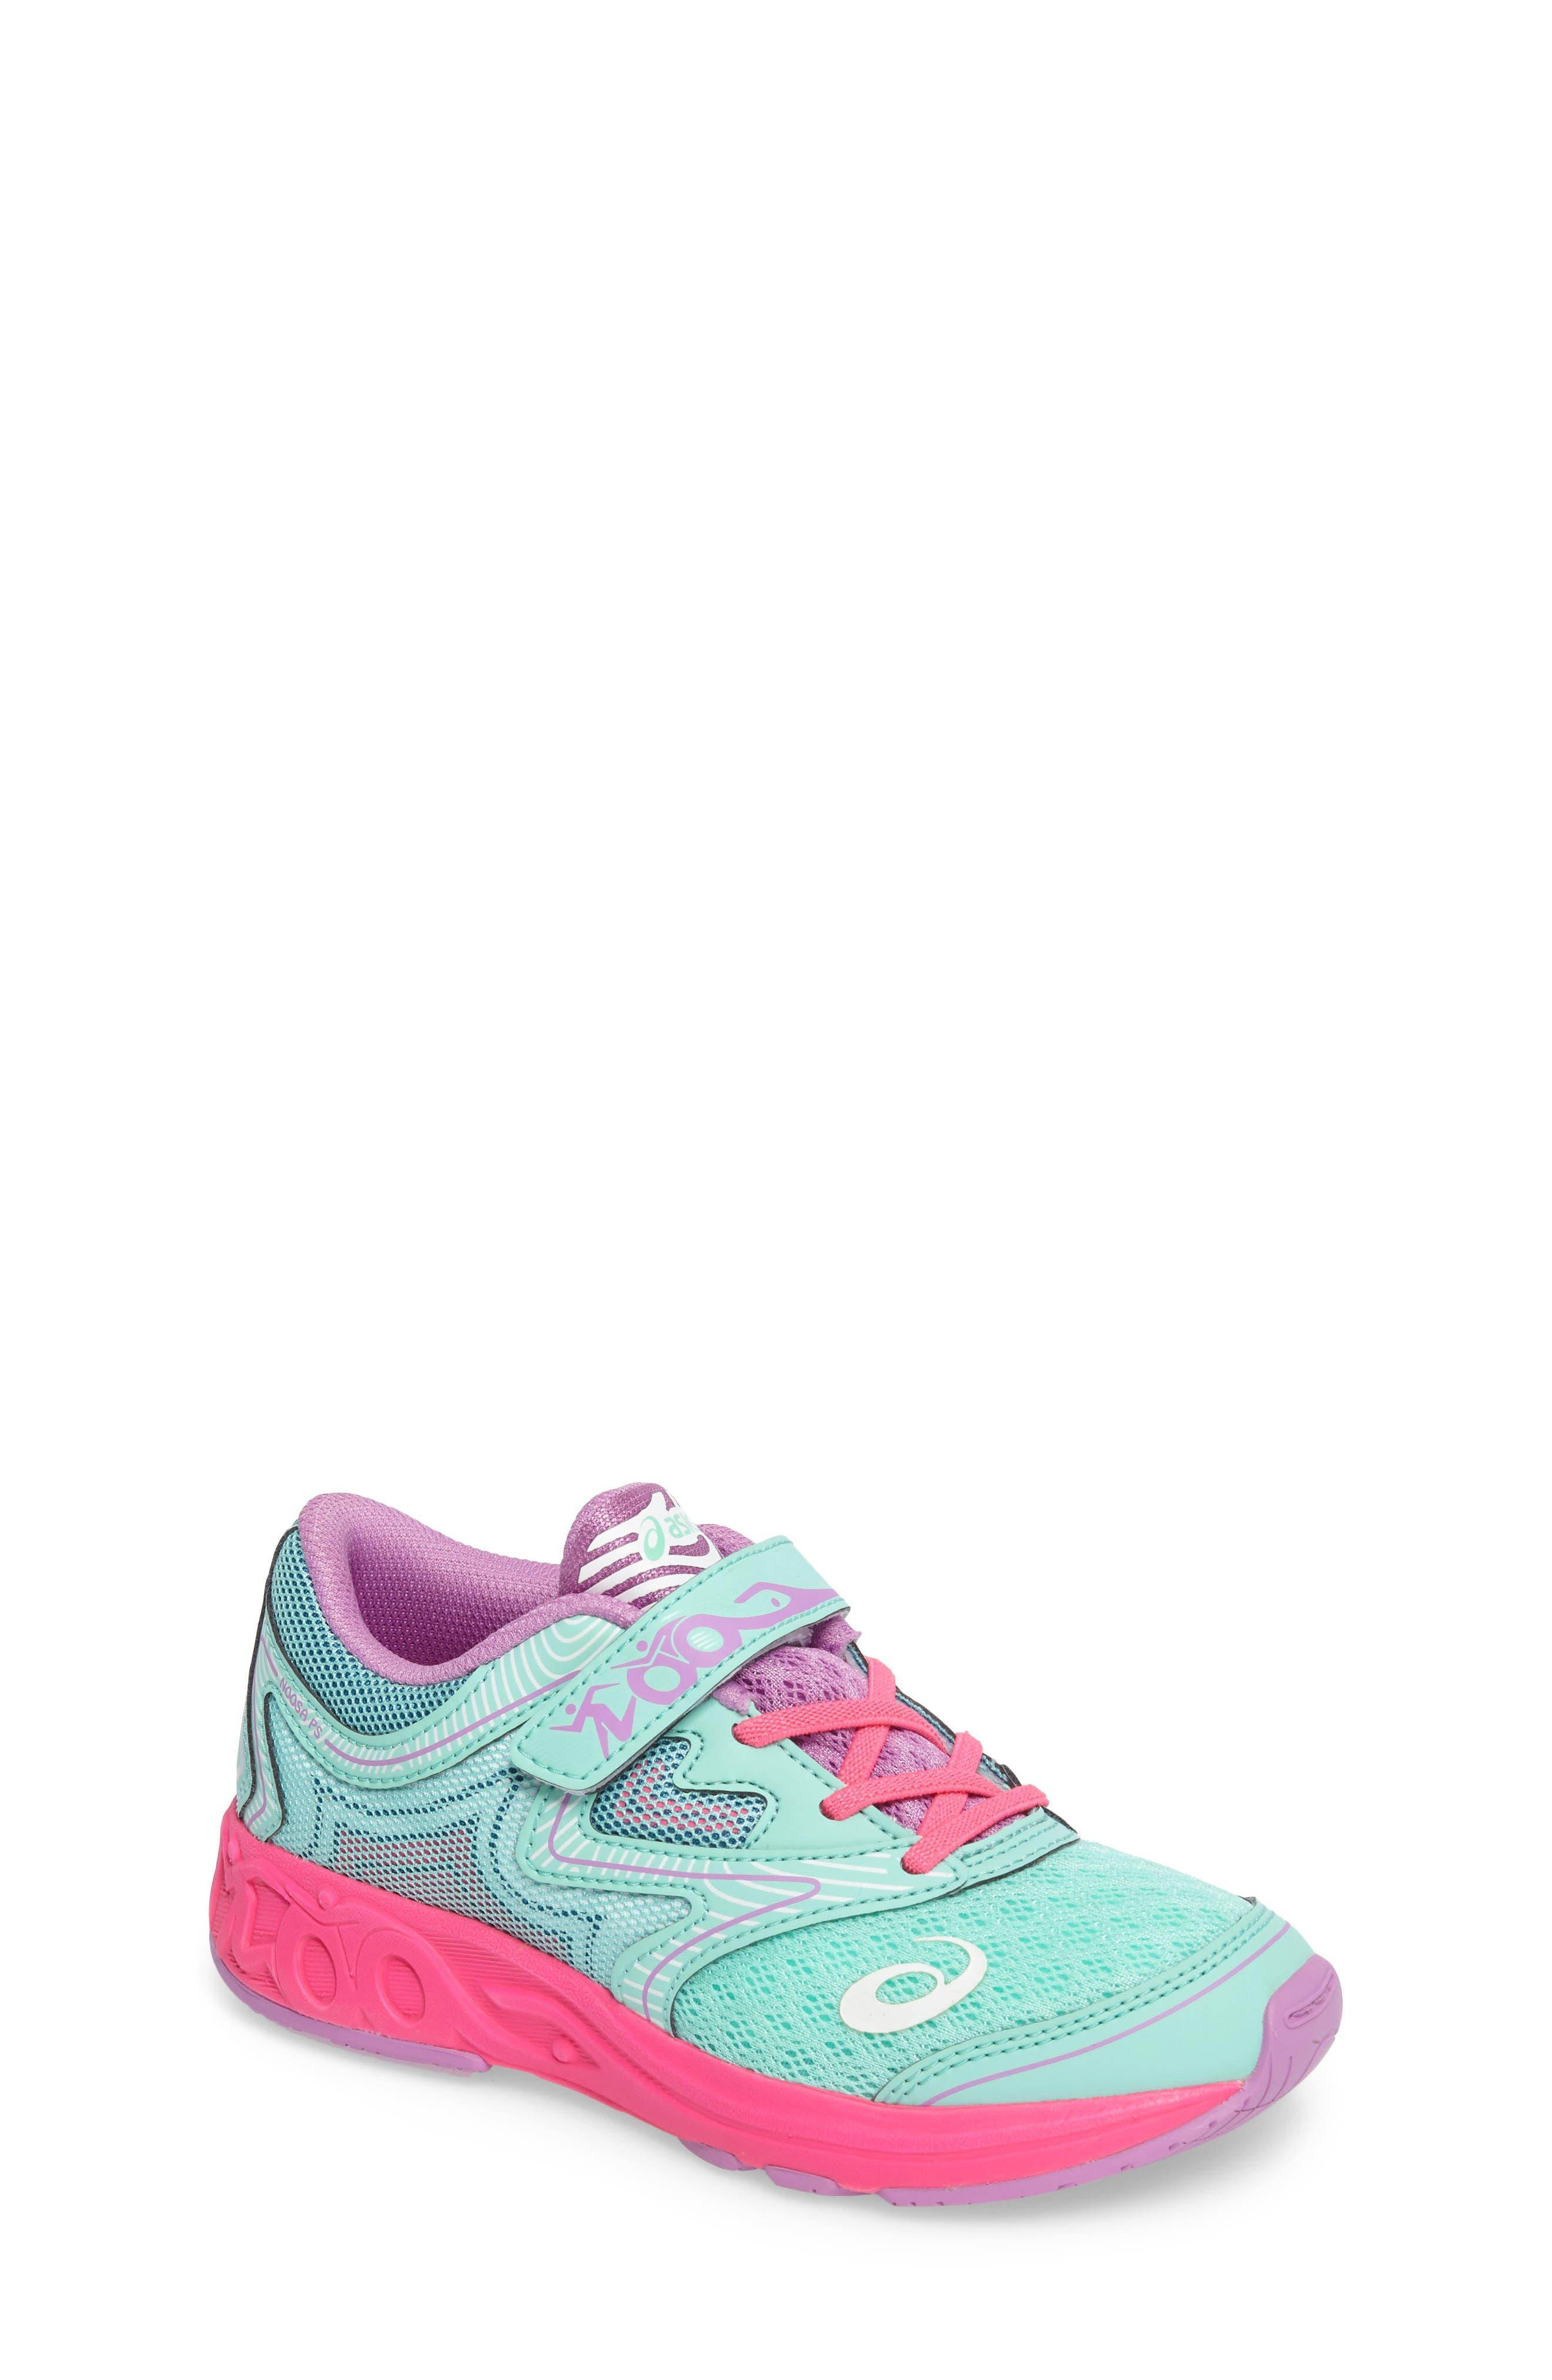 Noosa PS Sneaker,                         Main,                         color, 330